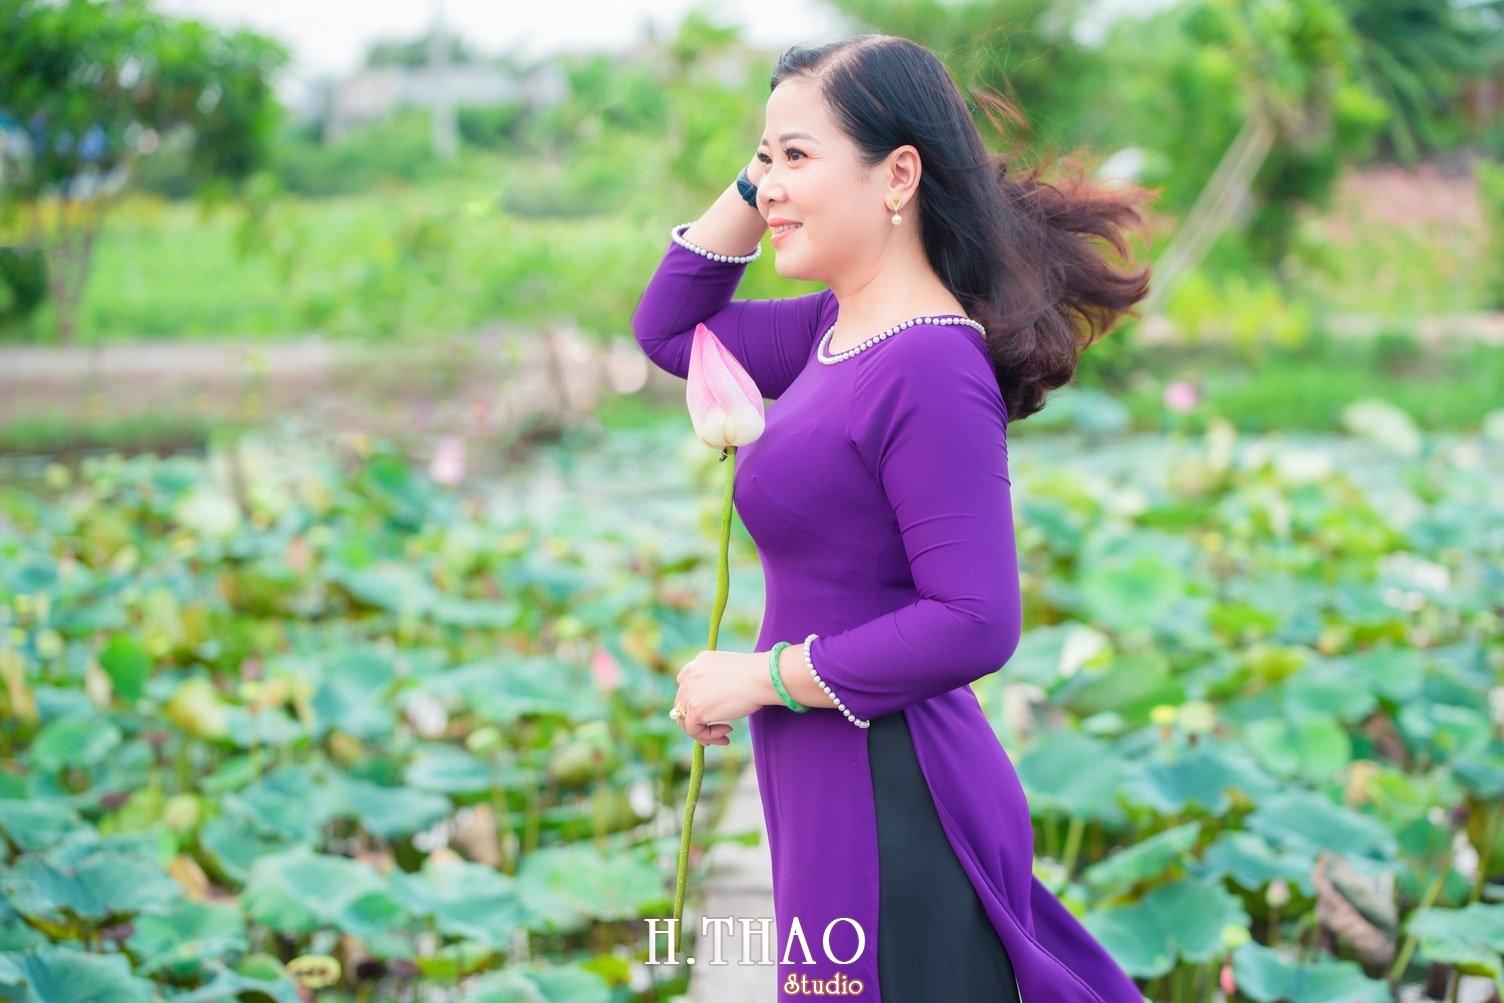 Anh Hoa sen tam da 32 - Bộ ảnh hoa sen với áo dài tím đẹp dễ thương - HThao Studio